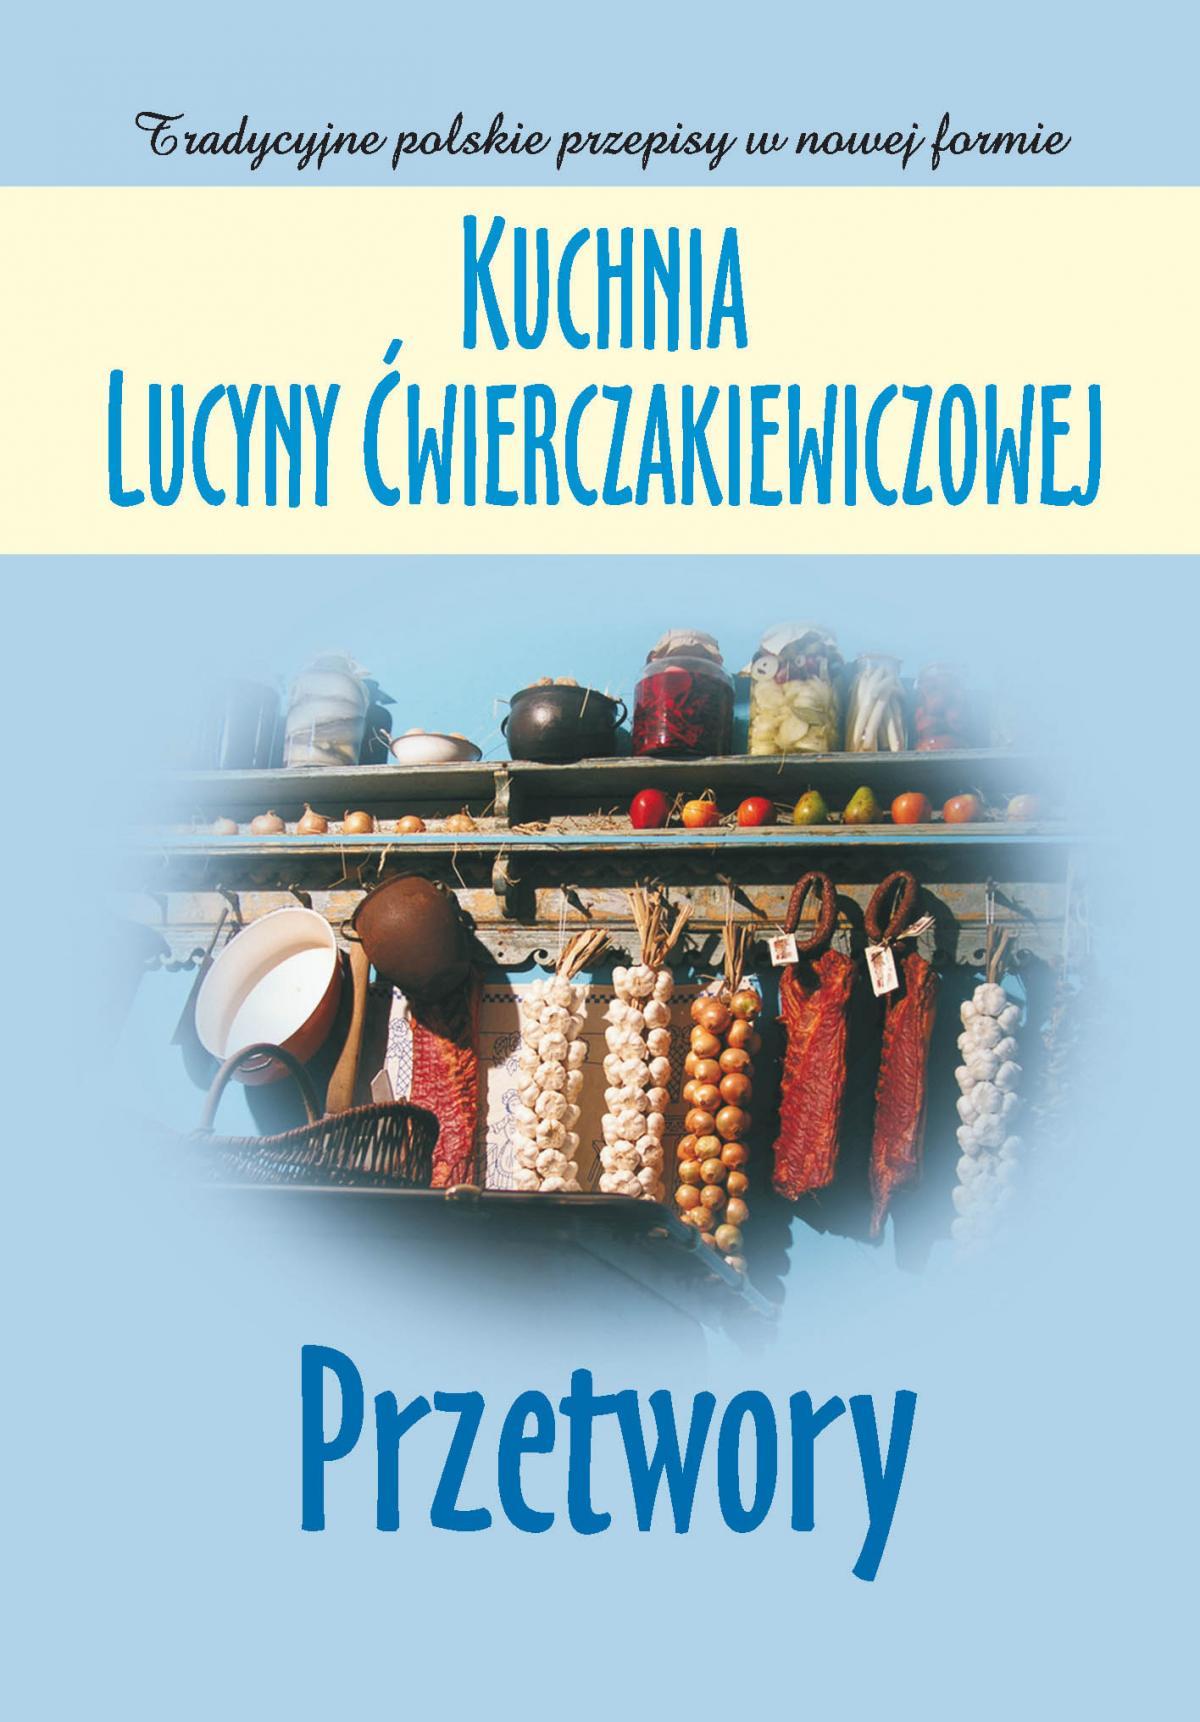 Kuchnia Lucyny Ćwierczakiewiczowej. Przetwory - Ebook (Książka EPUB) do pobrania w formacie EPUB